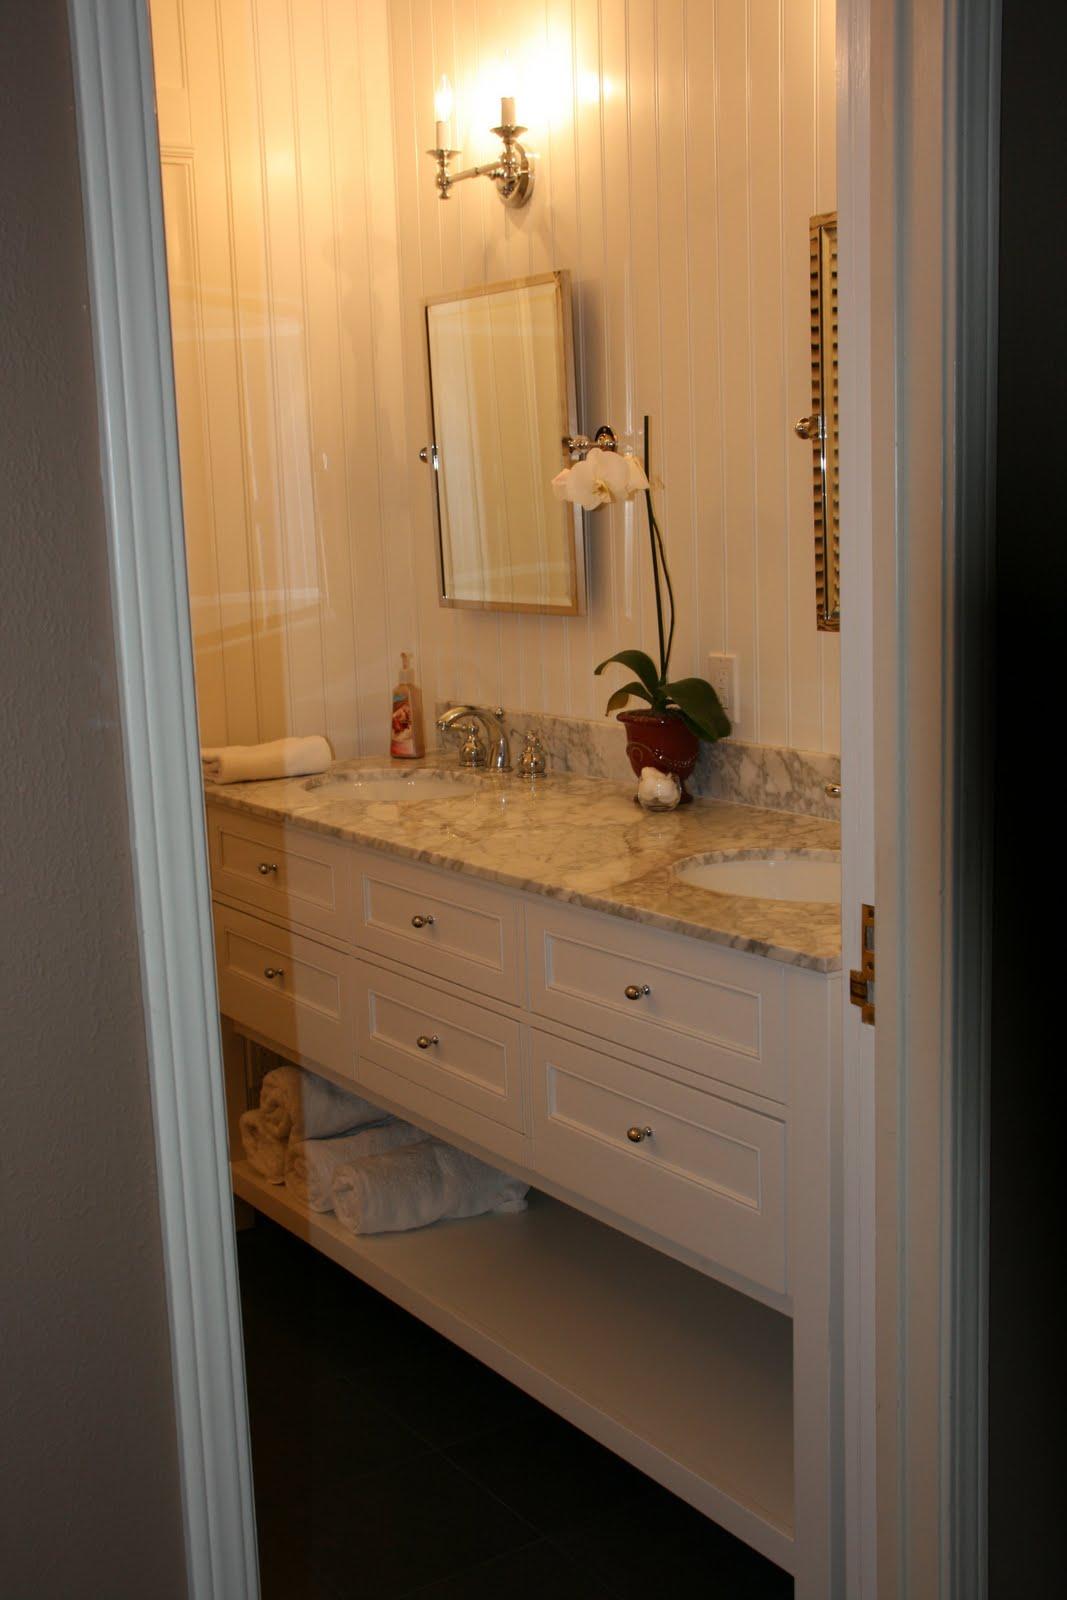 Vignette design a 30 day bathroom remodel reveal for Bathroom remodel in 3 days